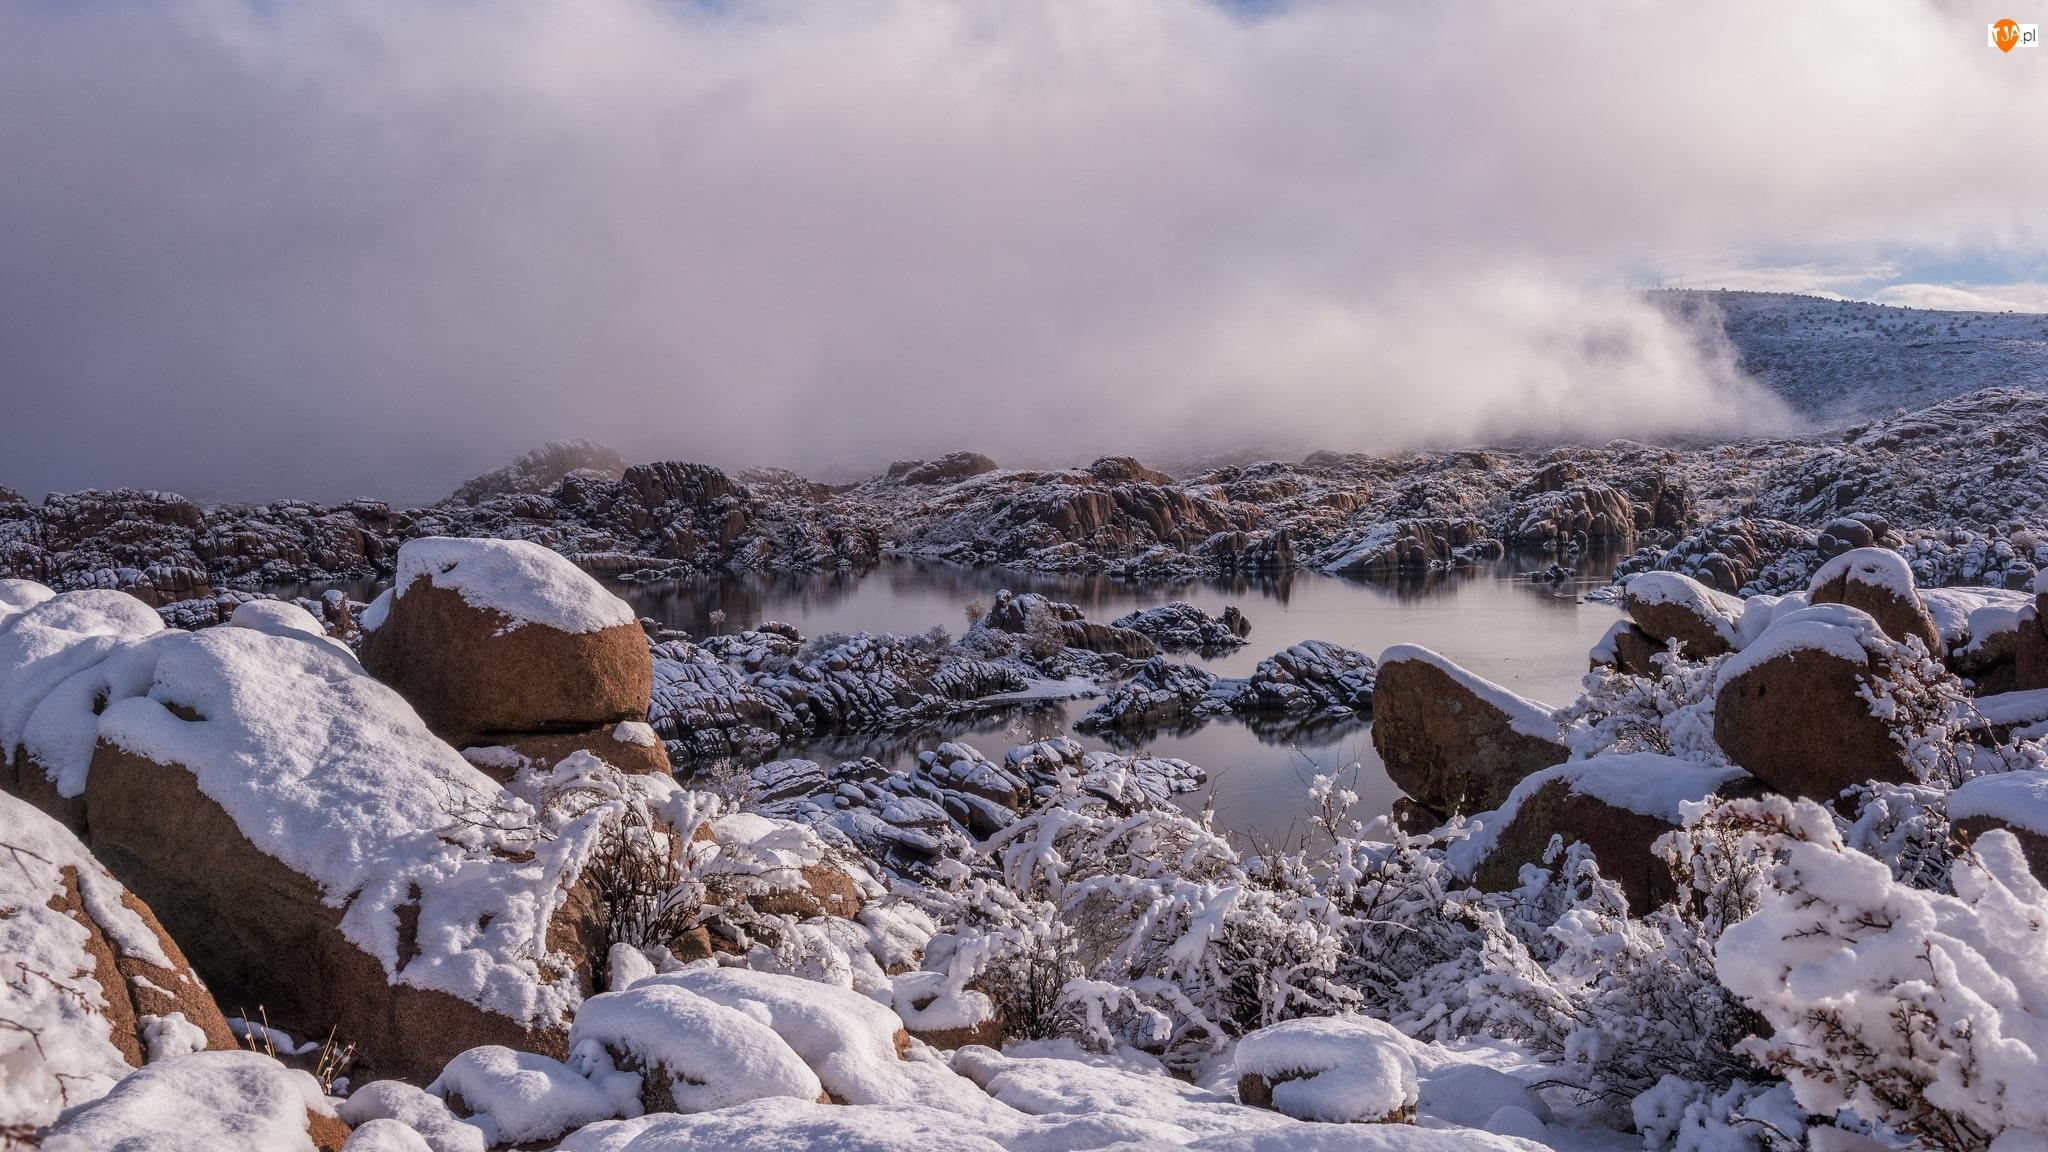 Jezioro, Ośnieżone, Mgła, Śnieg, Opadająca, Gałązki, Kamienie, Zima, Skały